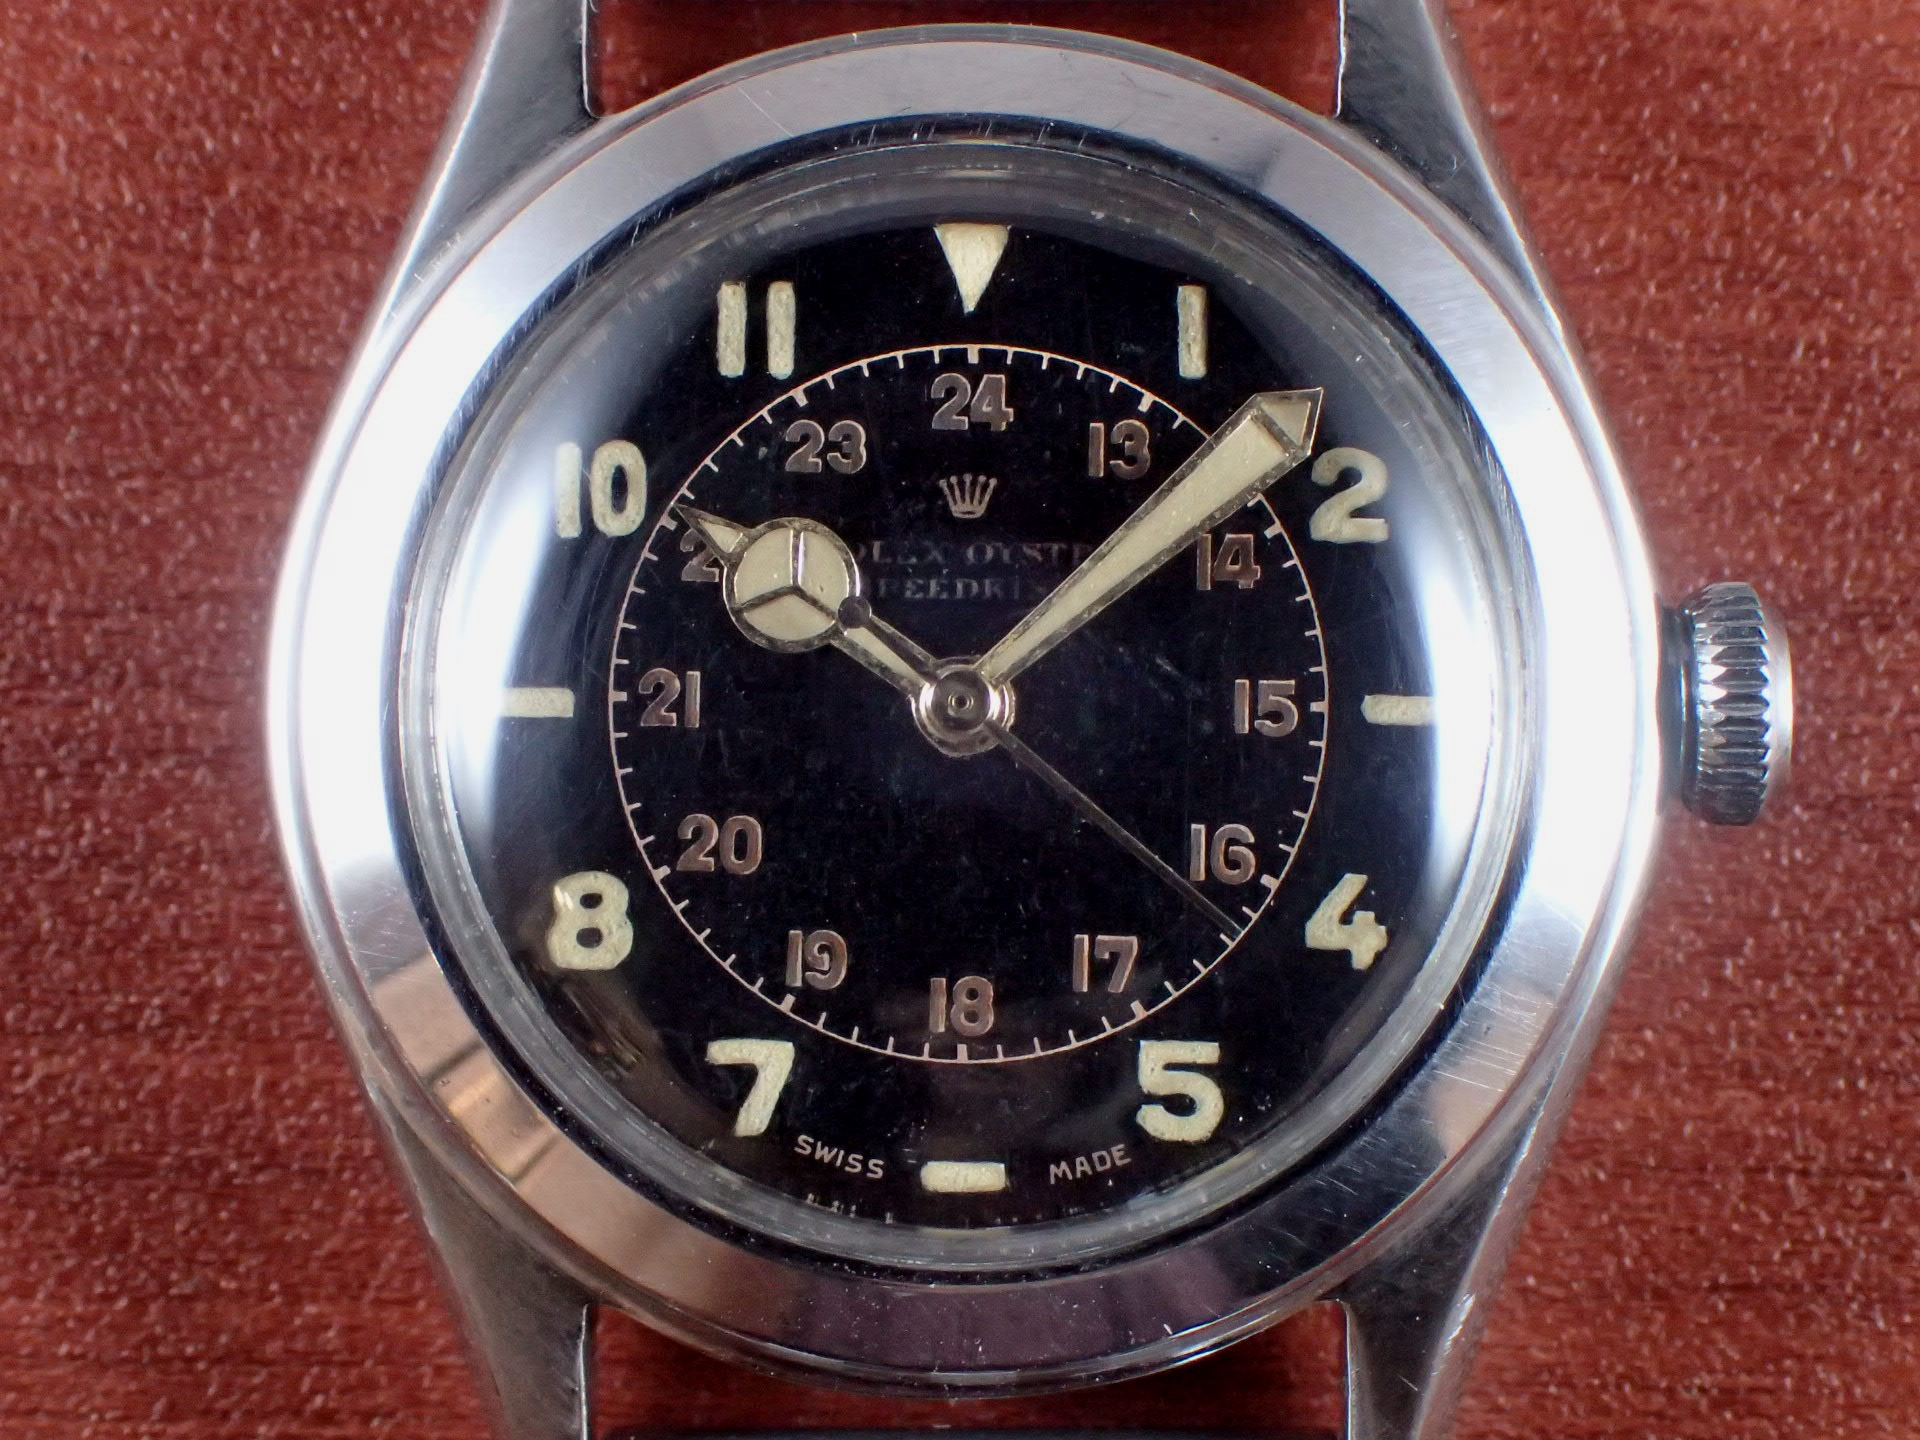 ロレックス オイスター スピードキング Ref.4220 ブラックダイアル 1940年代の写真2枚目